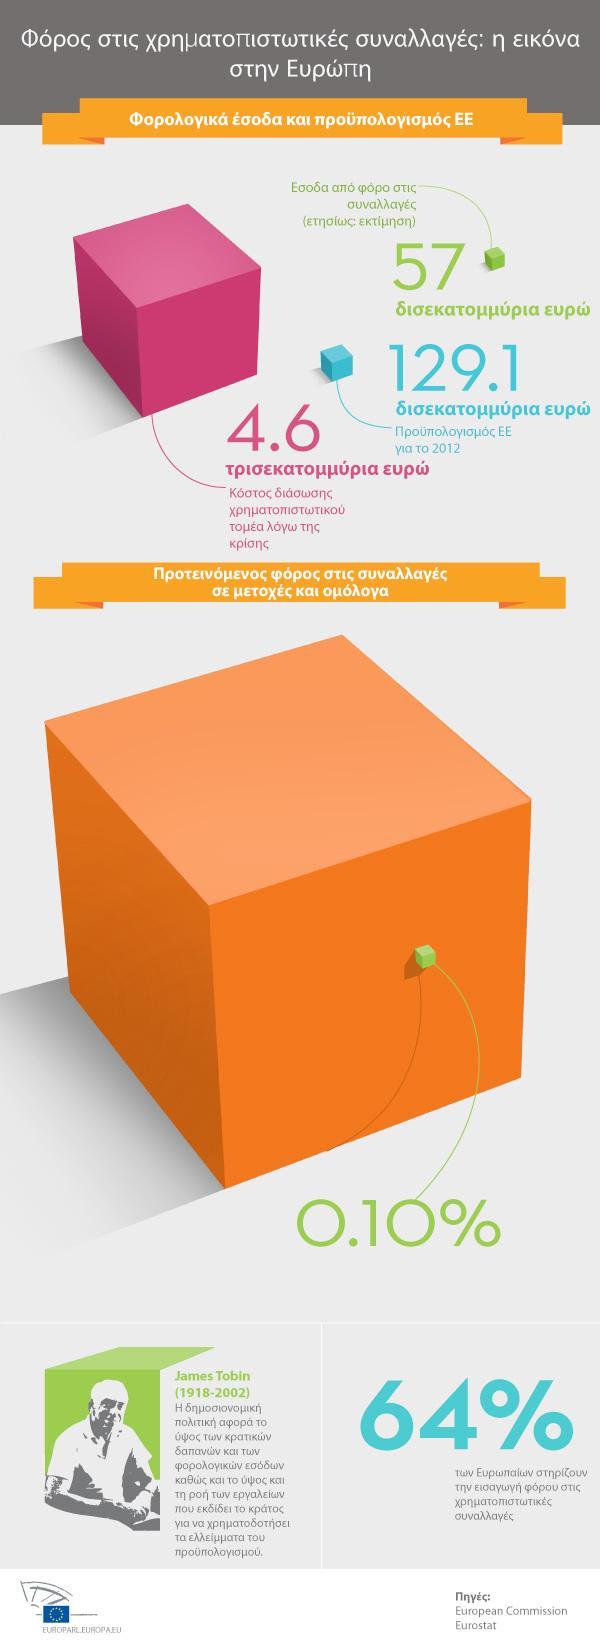 Με πορτοκαλί η συνολική φορολογική επιβάρυνση των επιχειρήσεων